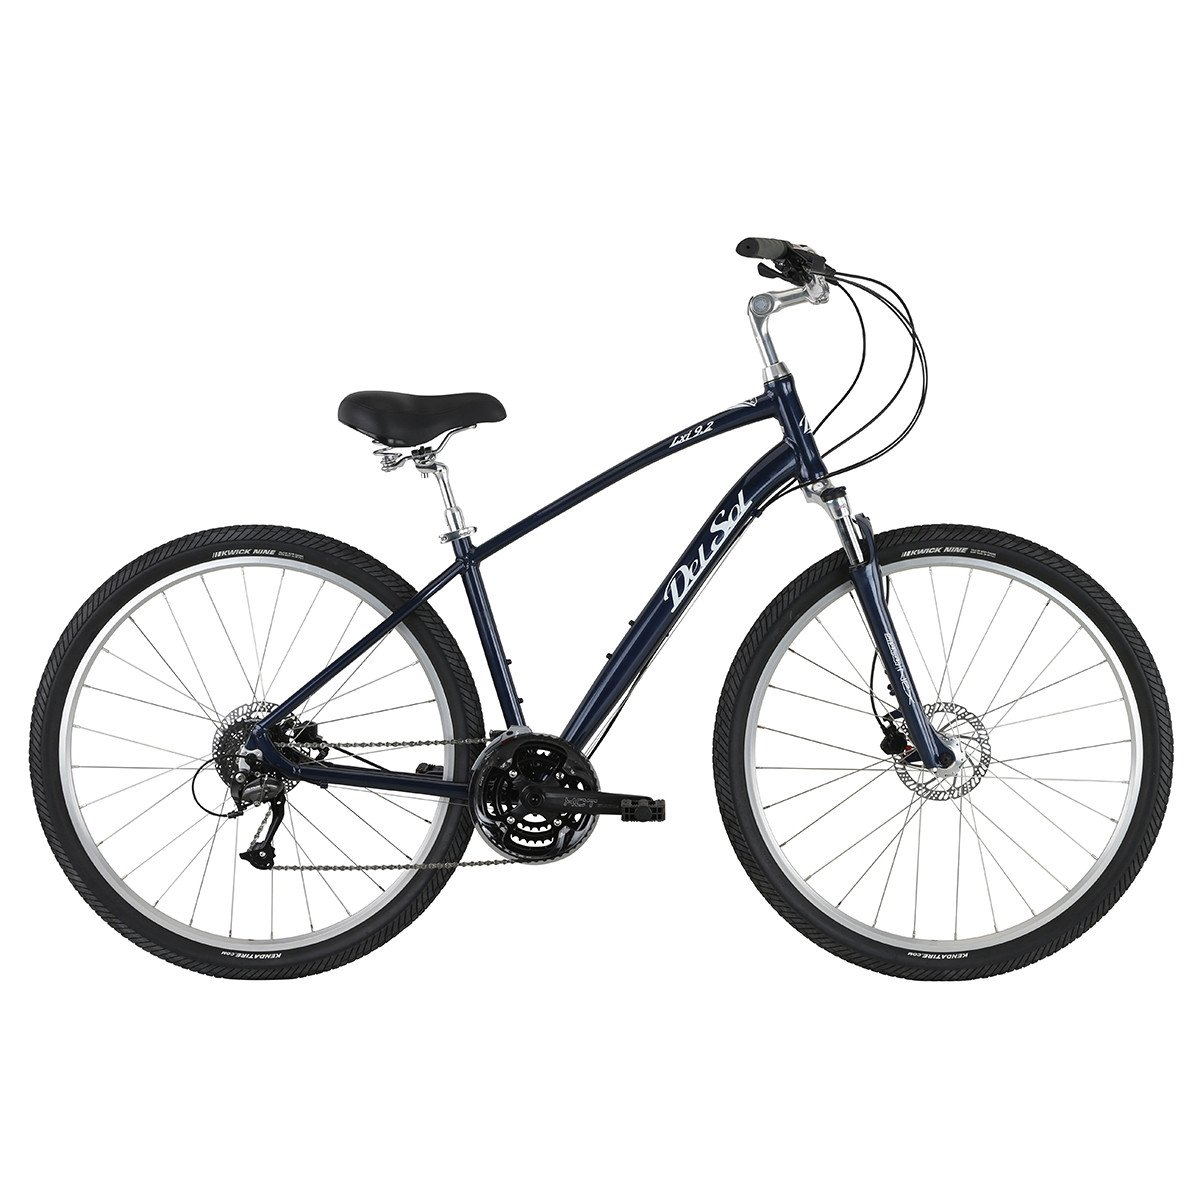 GHOST Kato 1 AL 29 night blue/amber 2017 - Rahmengröße S - Mountainbike